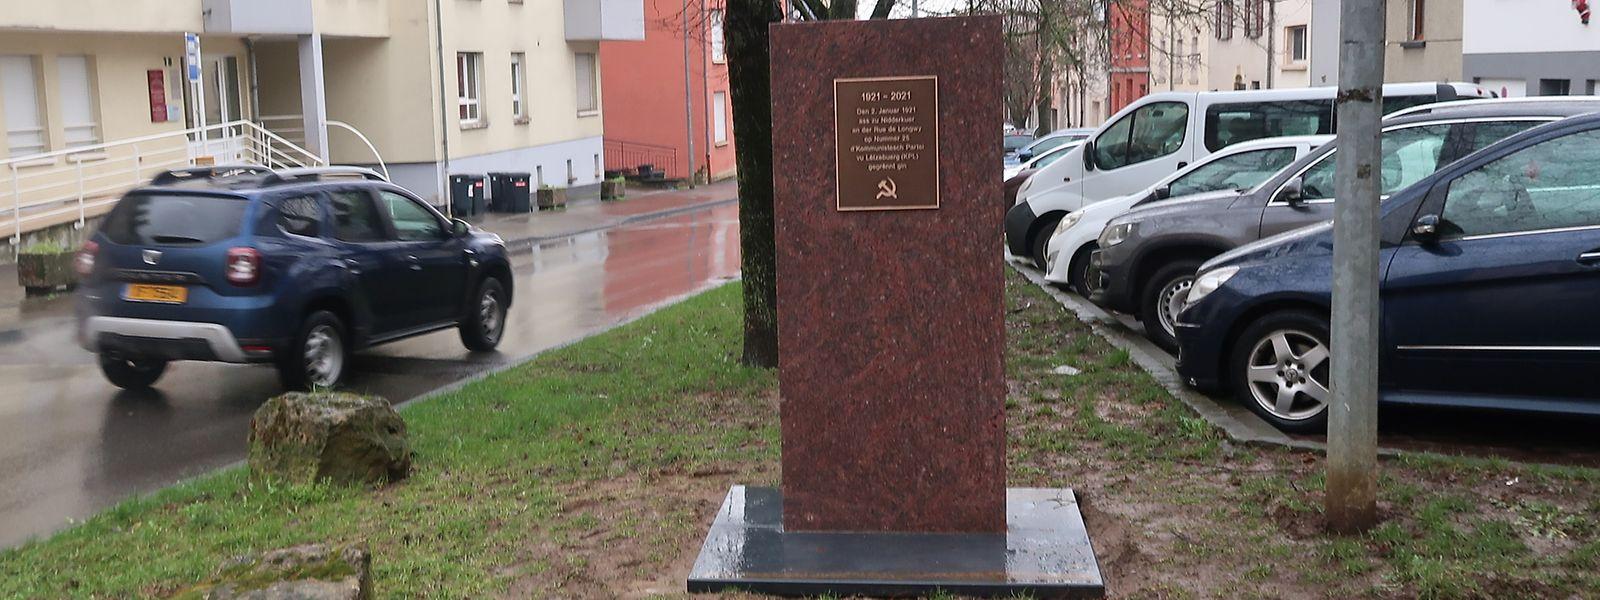 Die neue Gedenktafel befindet sich in der Rue de Longwy, in der Nähe jenes Cafés, in dem vor 100 Jahren die KPL gegründet wurde.